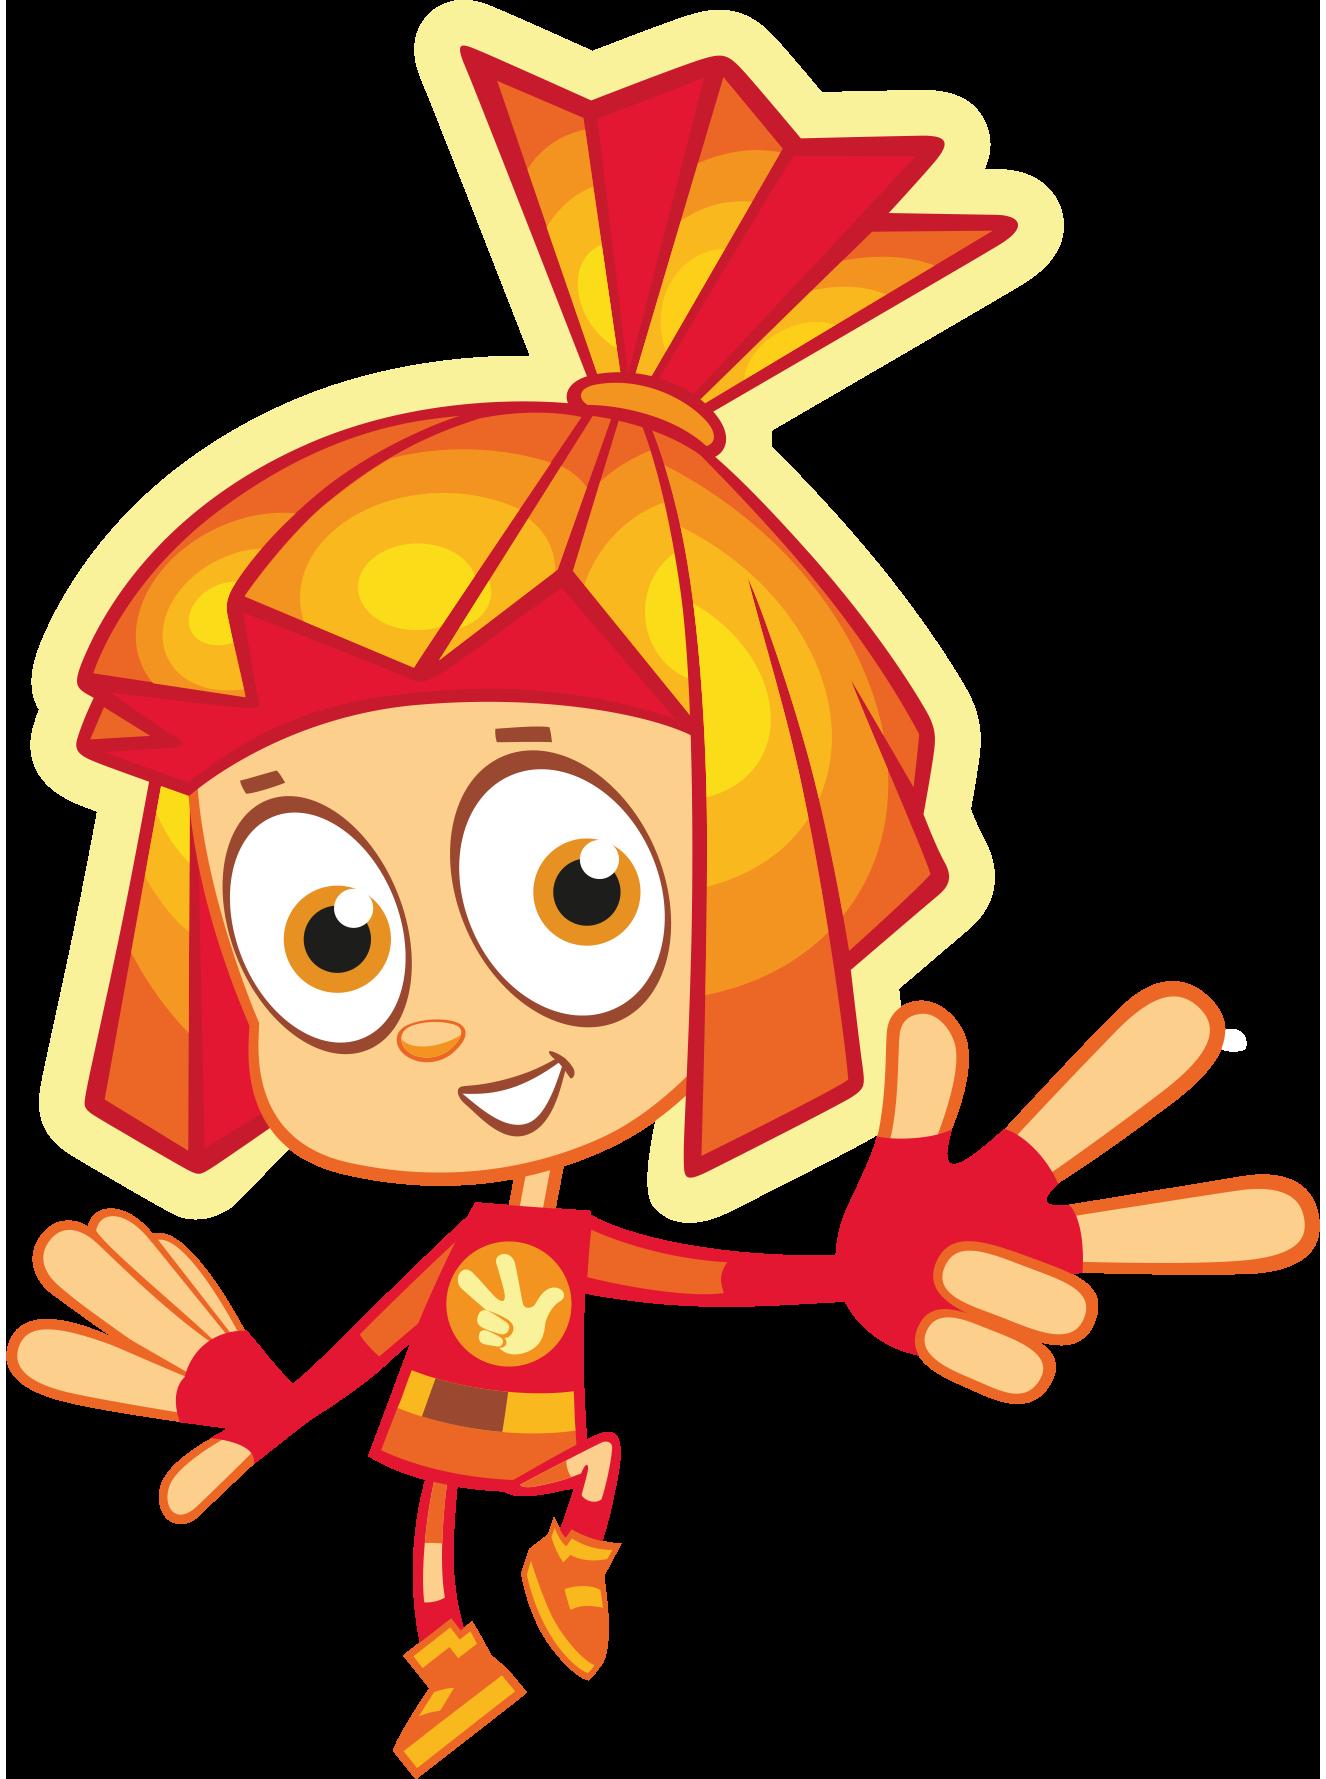 Герои мультфильма «Фиксики» и логотип в векторном формате ...